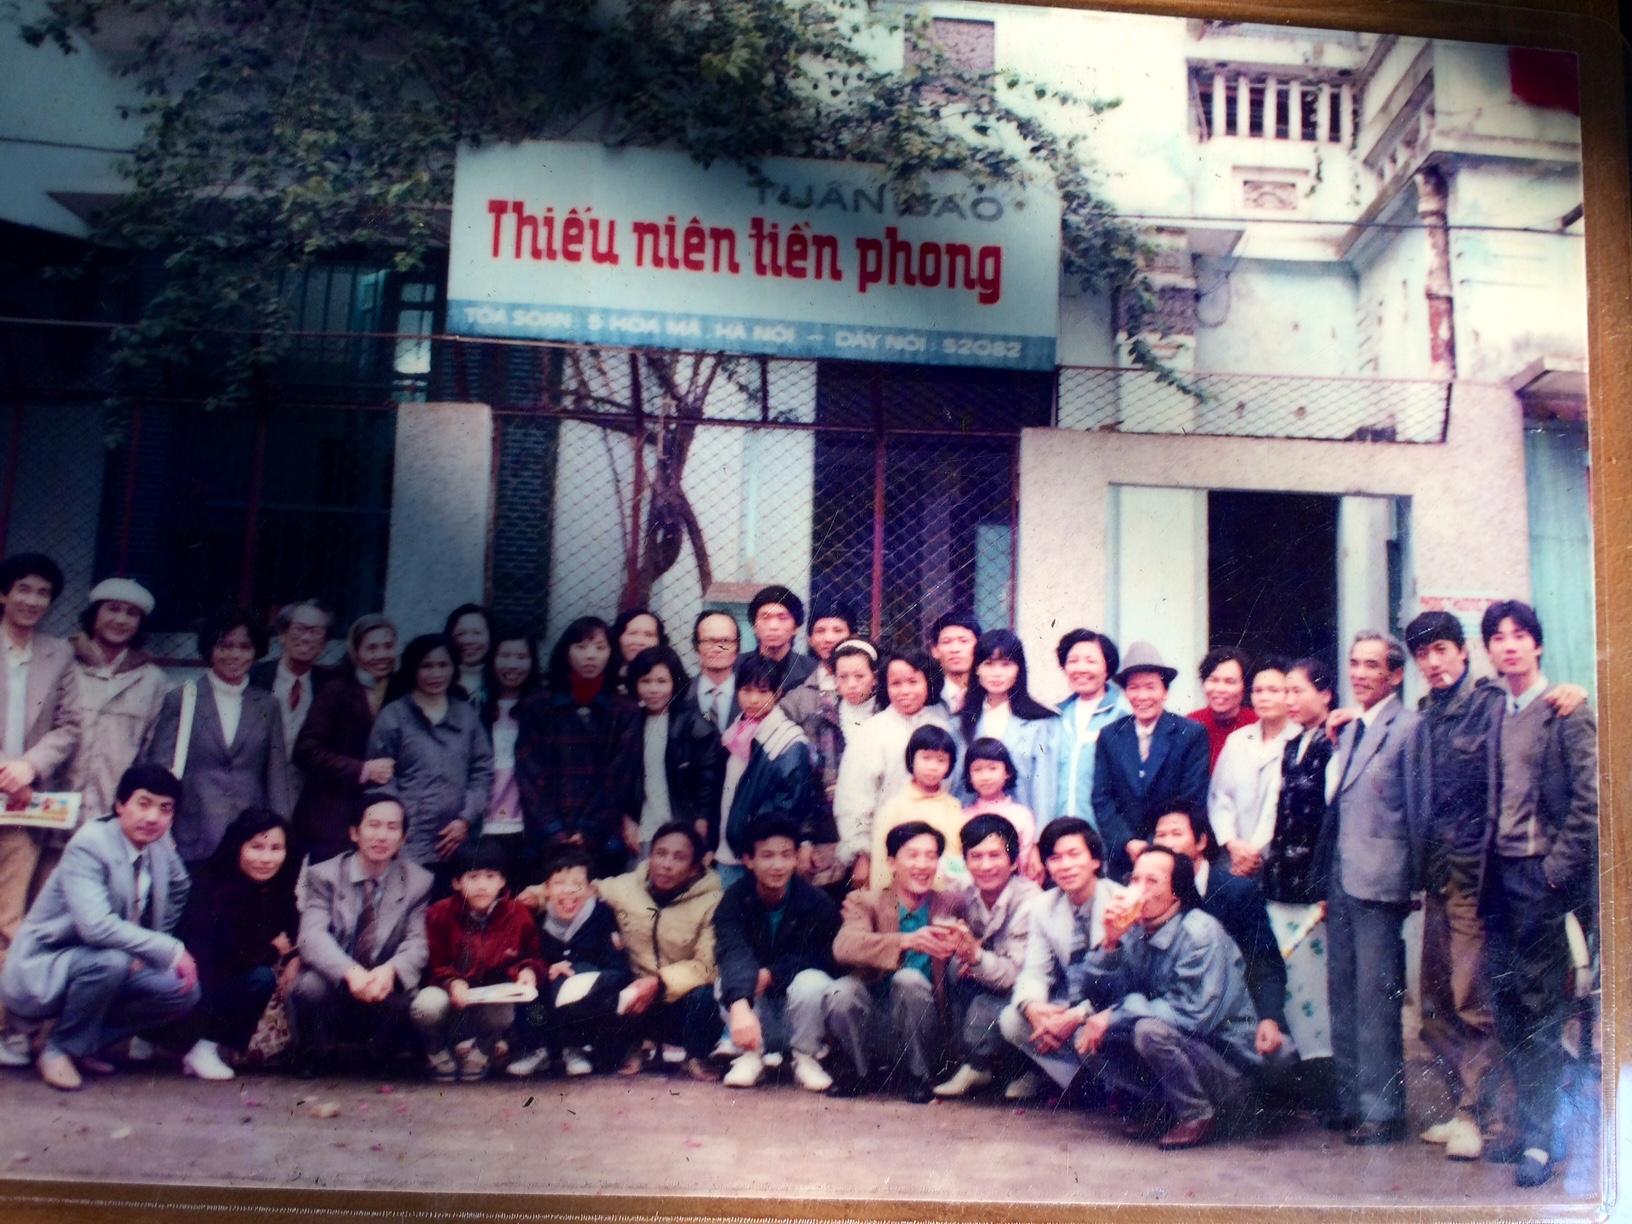 20 tháng tái ngũ trong cuộc chiến tranh biên giới tháng 2/1979 - Phạm Thành Long